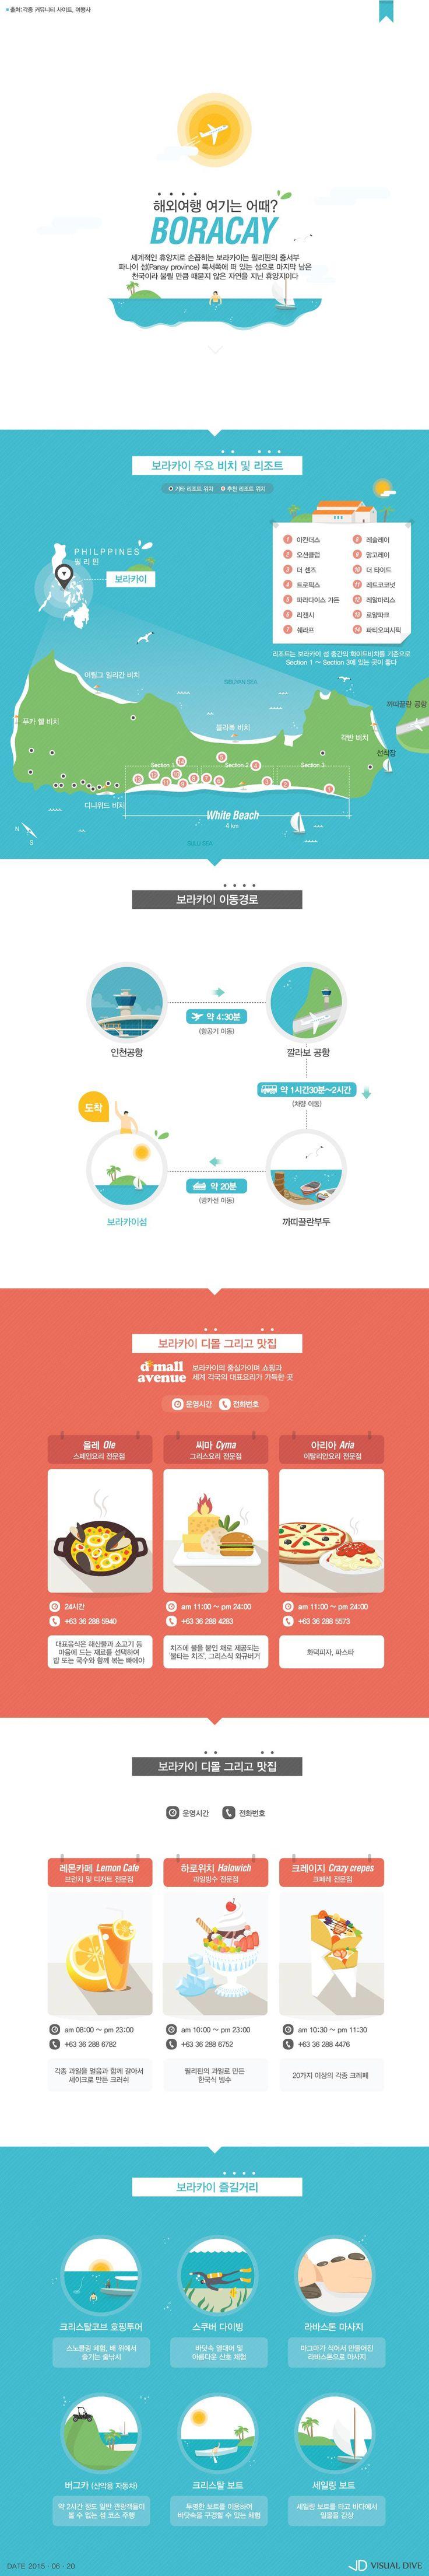 보고 먹고 즐기고… 올 여름 휴가는 지상낙원 '보라카이'서 [인포그래픽] #BORACAY / #Infographic ⓒ 비주얼다이브 무단 복사·전재·재배포 금지